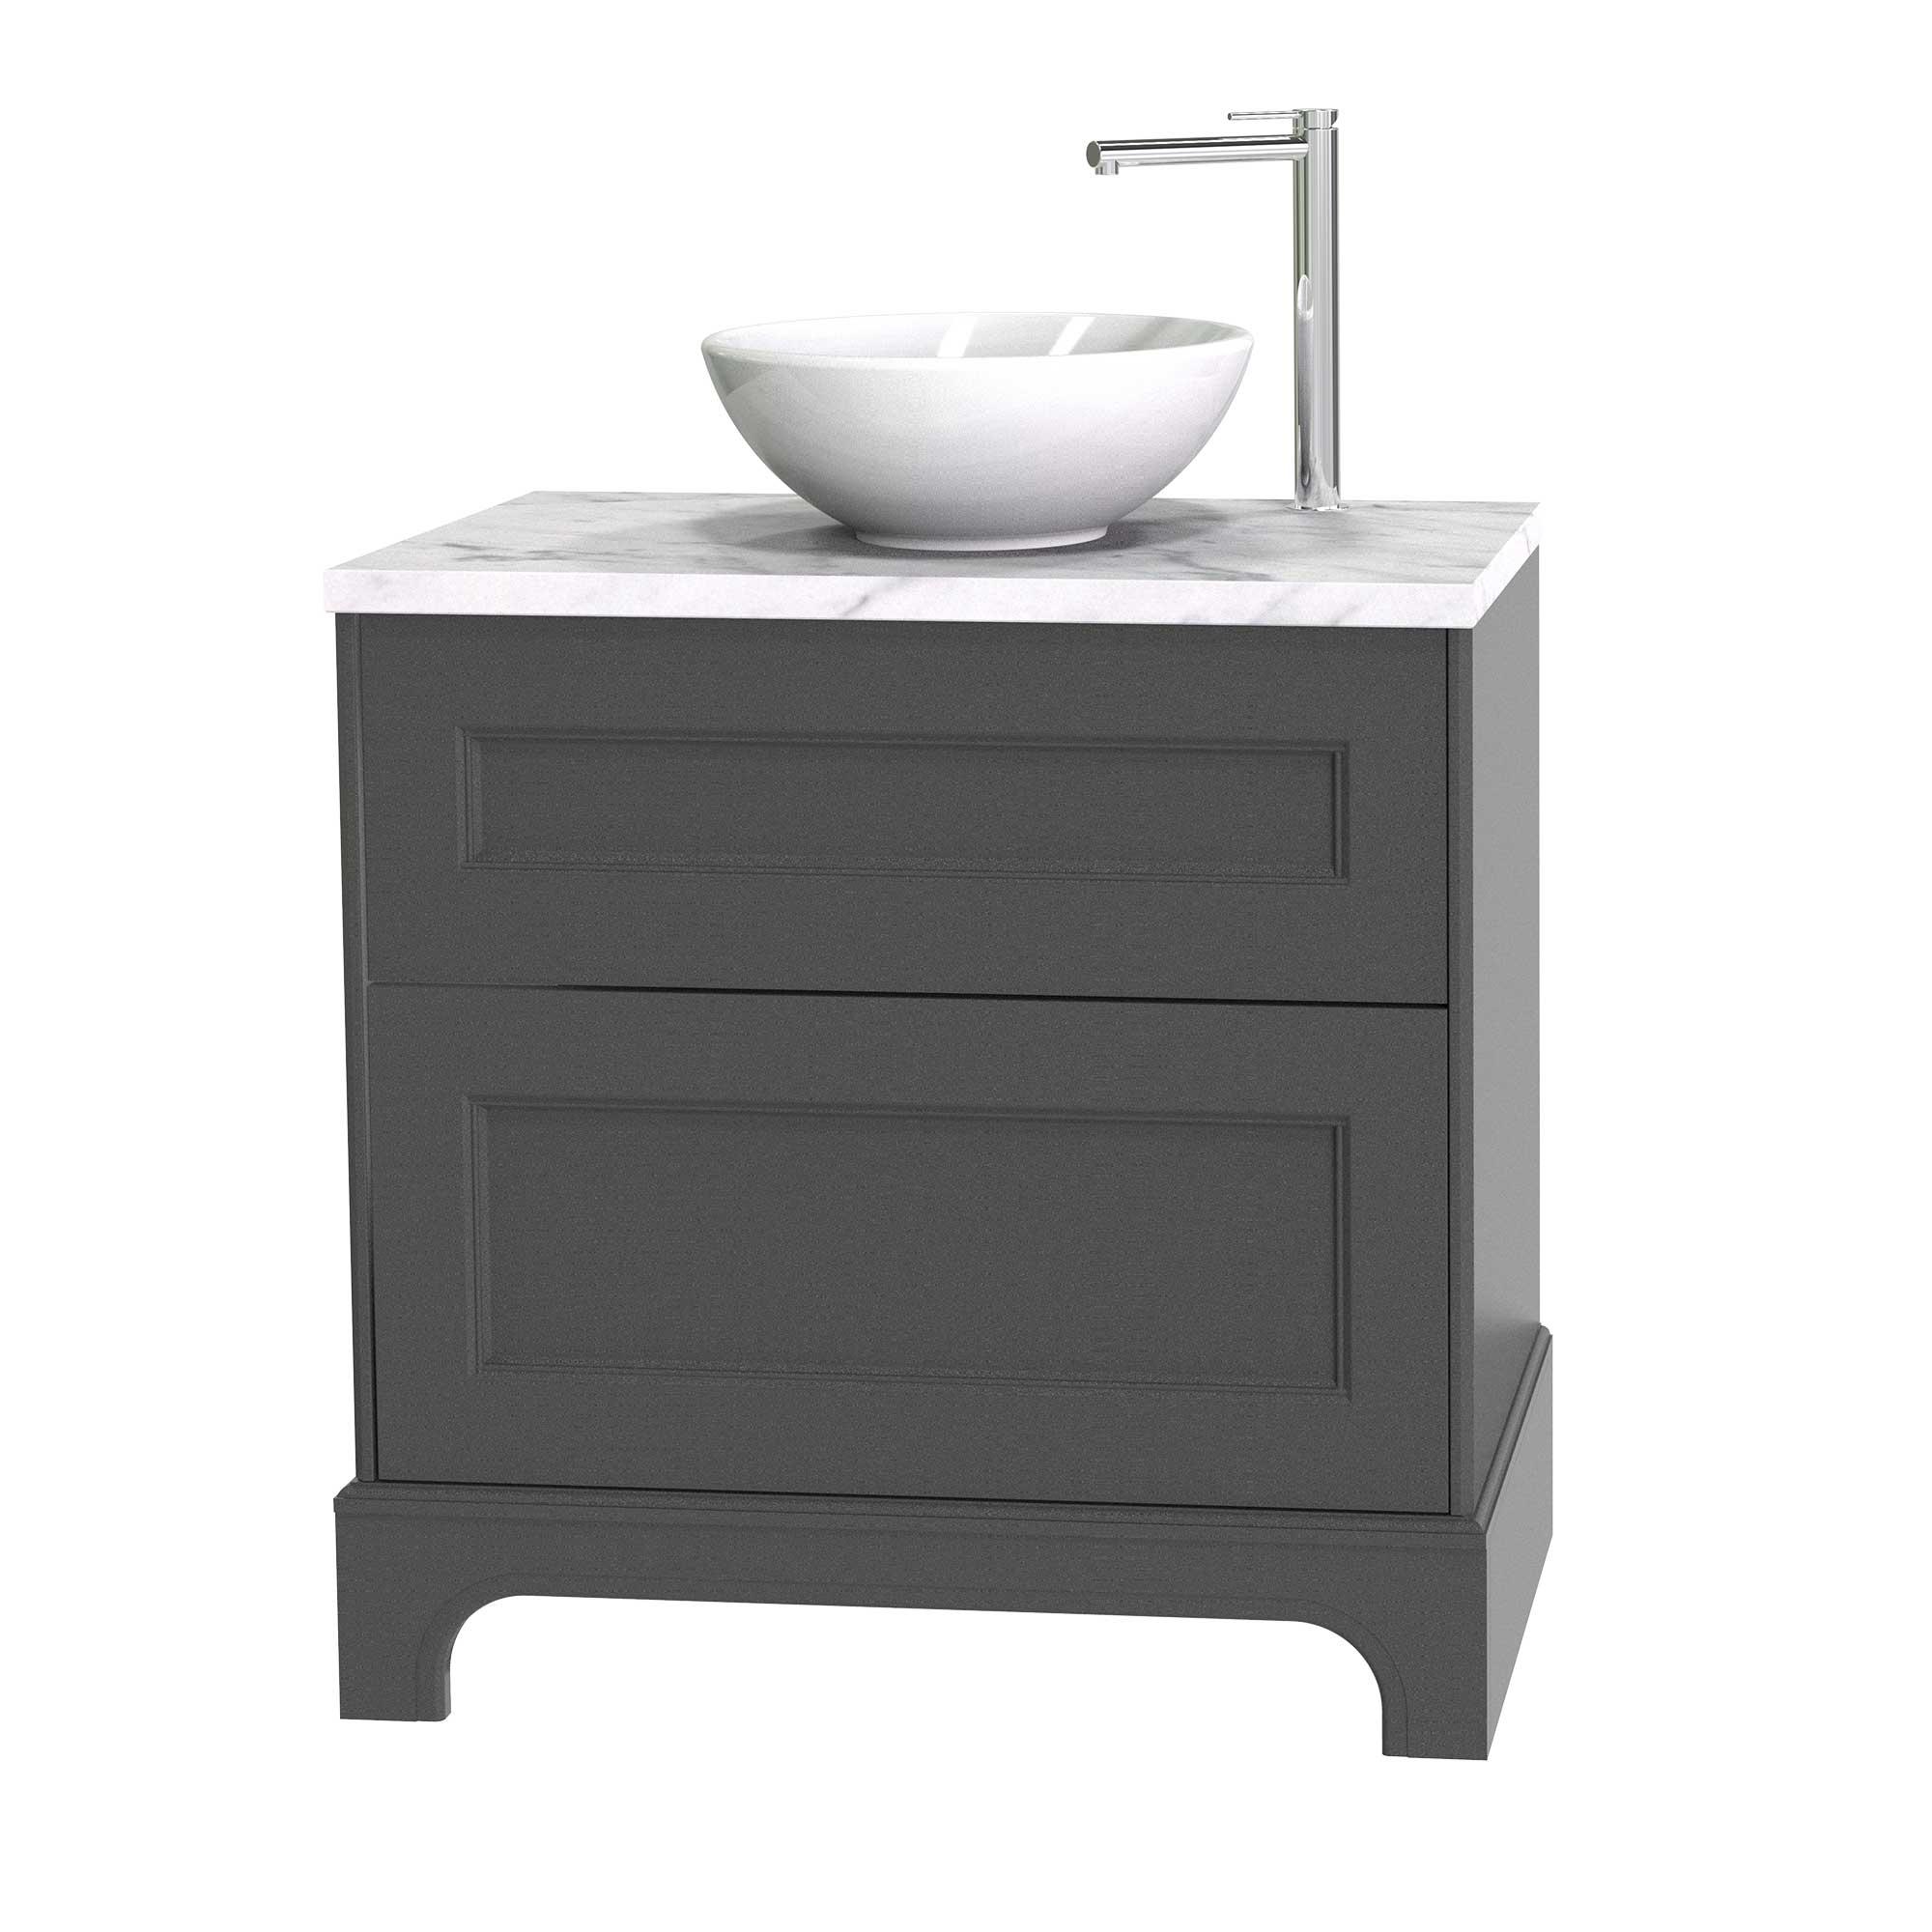 Tvättställsskåp Miller Badrum Kensington 80 med Lådor med Sockel för Bänkskiva